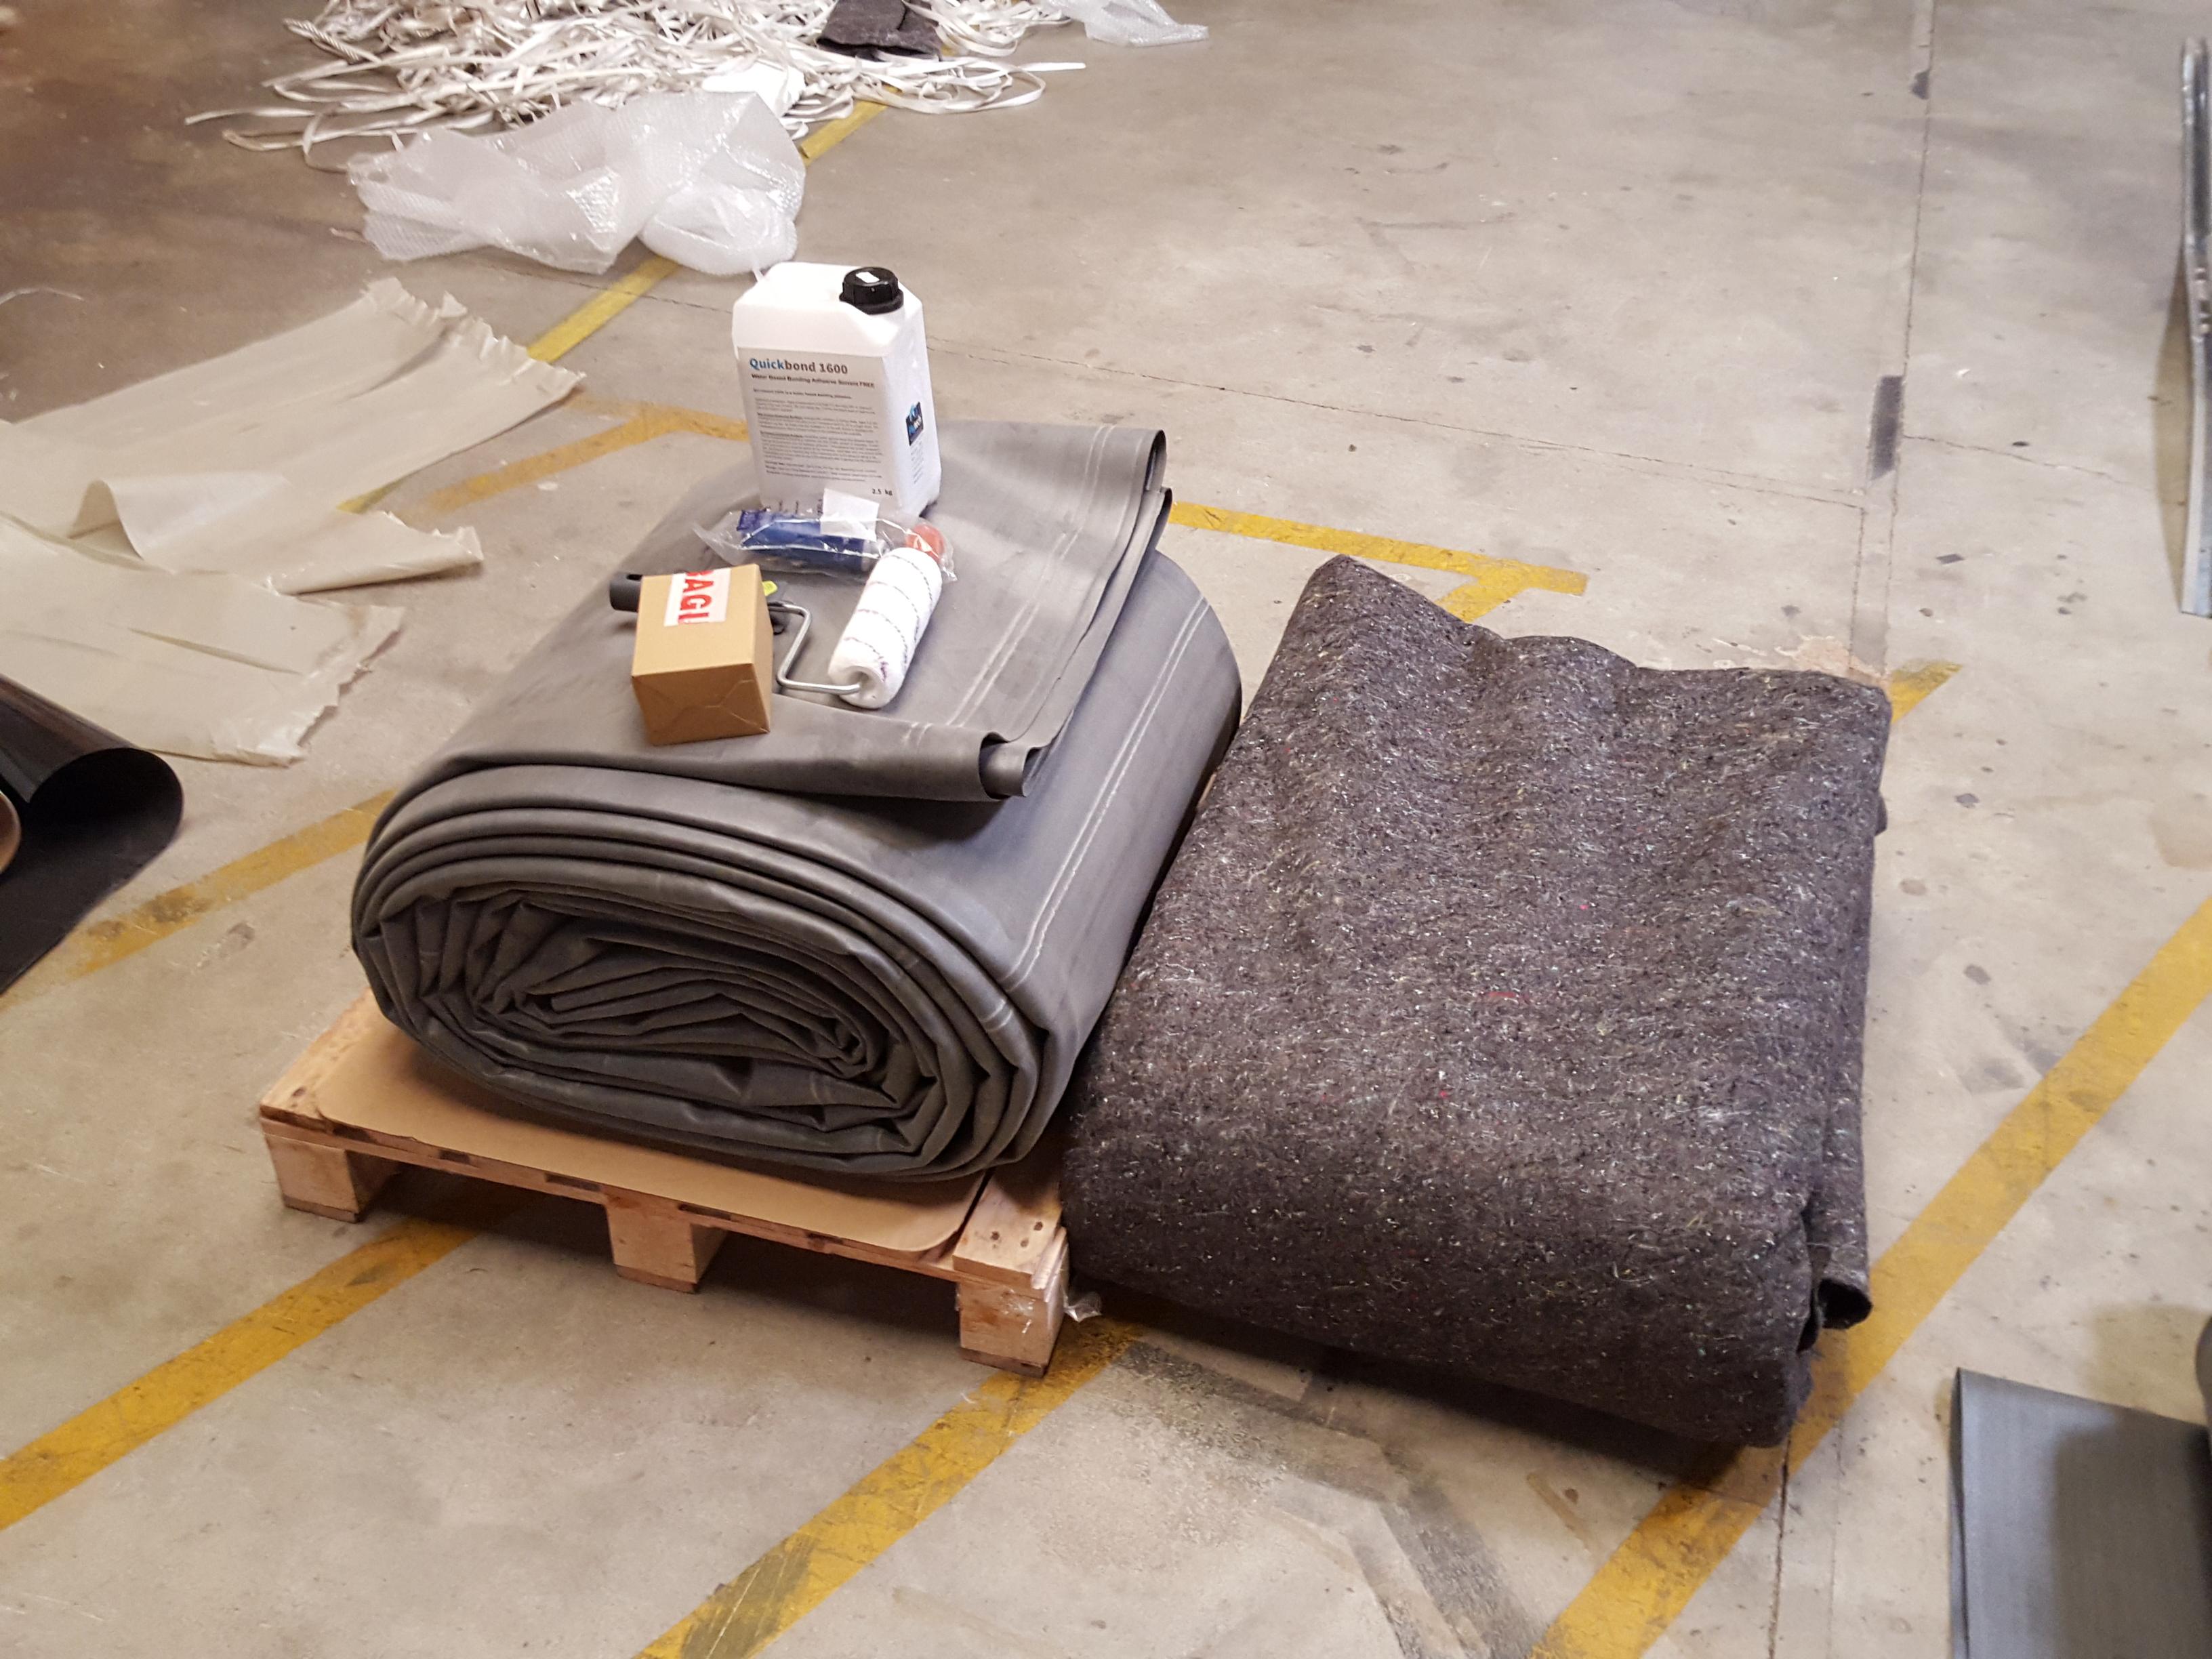 b che epdm la coupe pour bassin largeur de 3 05m. Black Bedroom Furniture Sets. Home Design Ideas